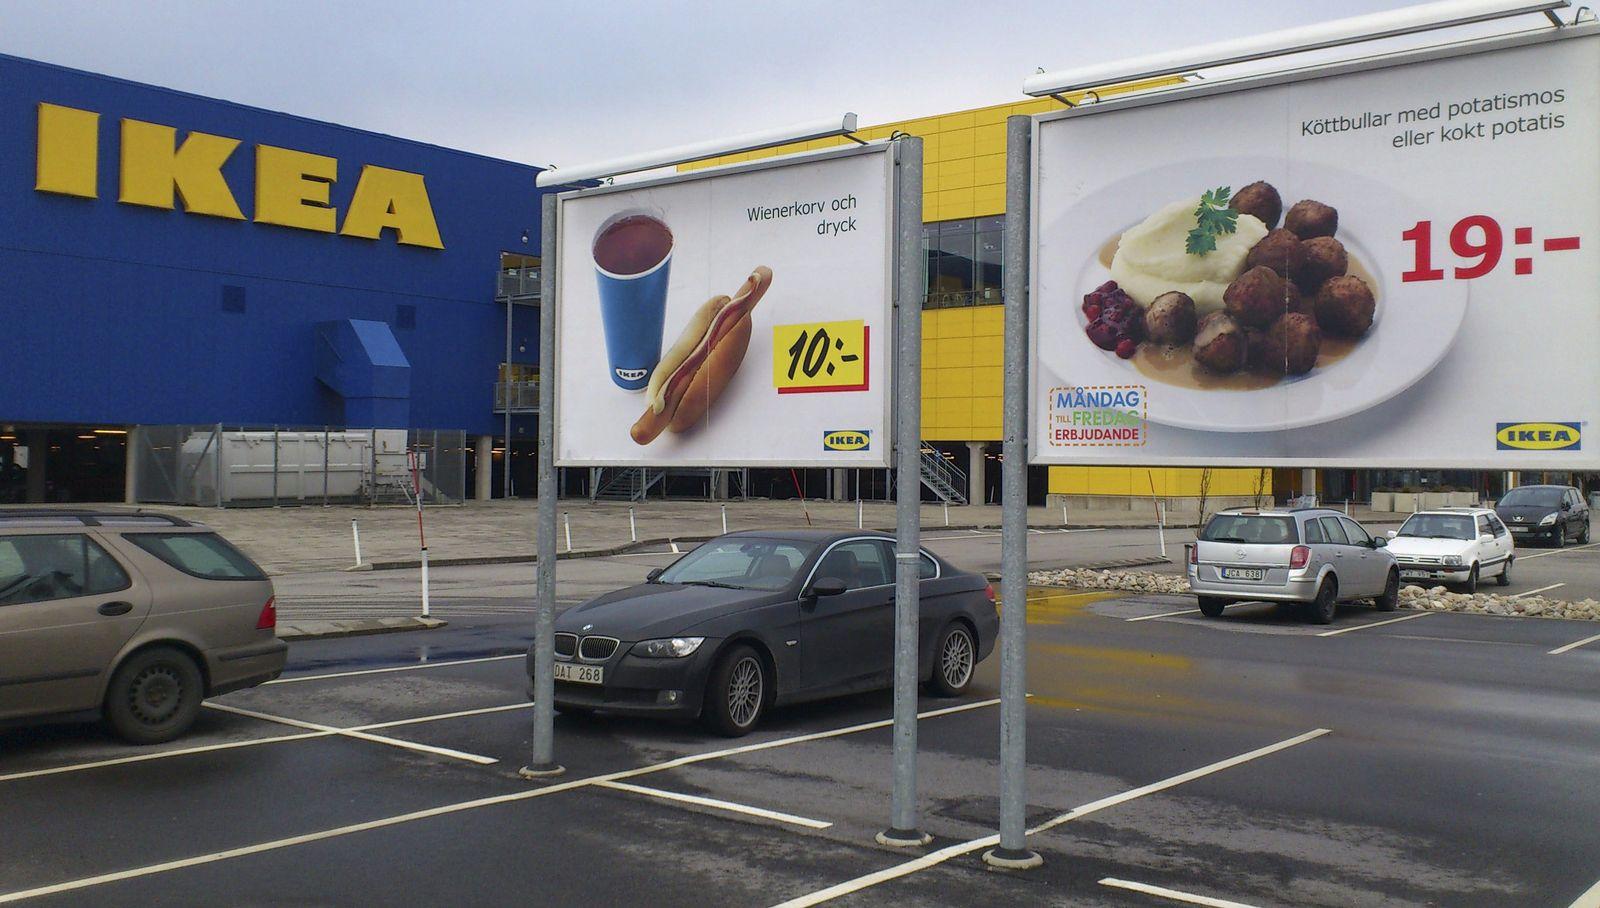 Ikea Werbung Essen